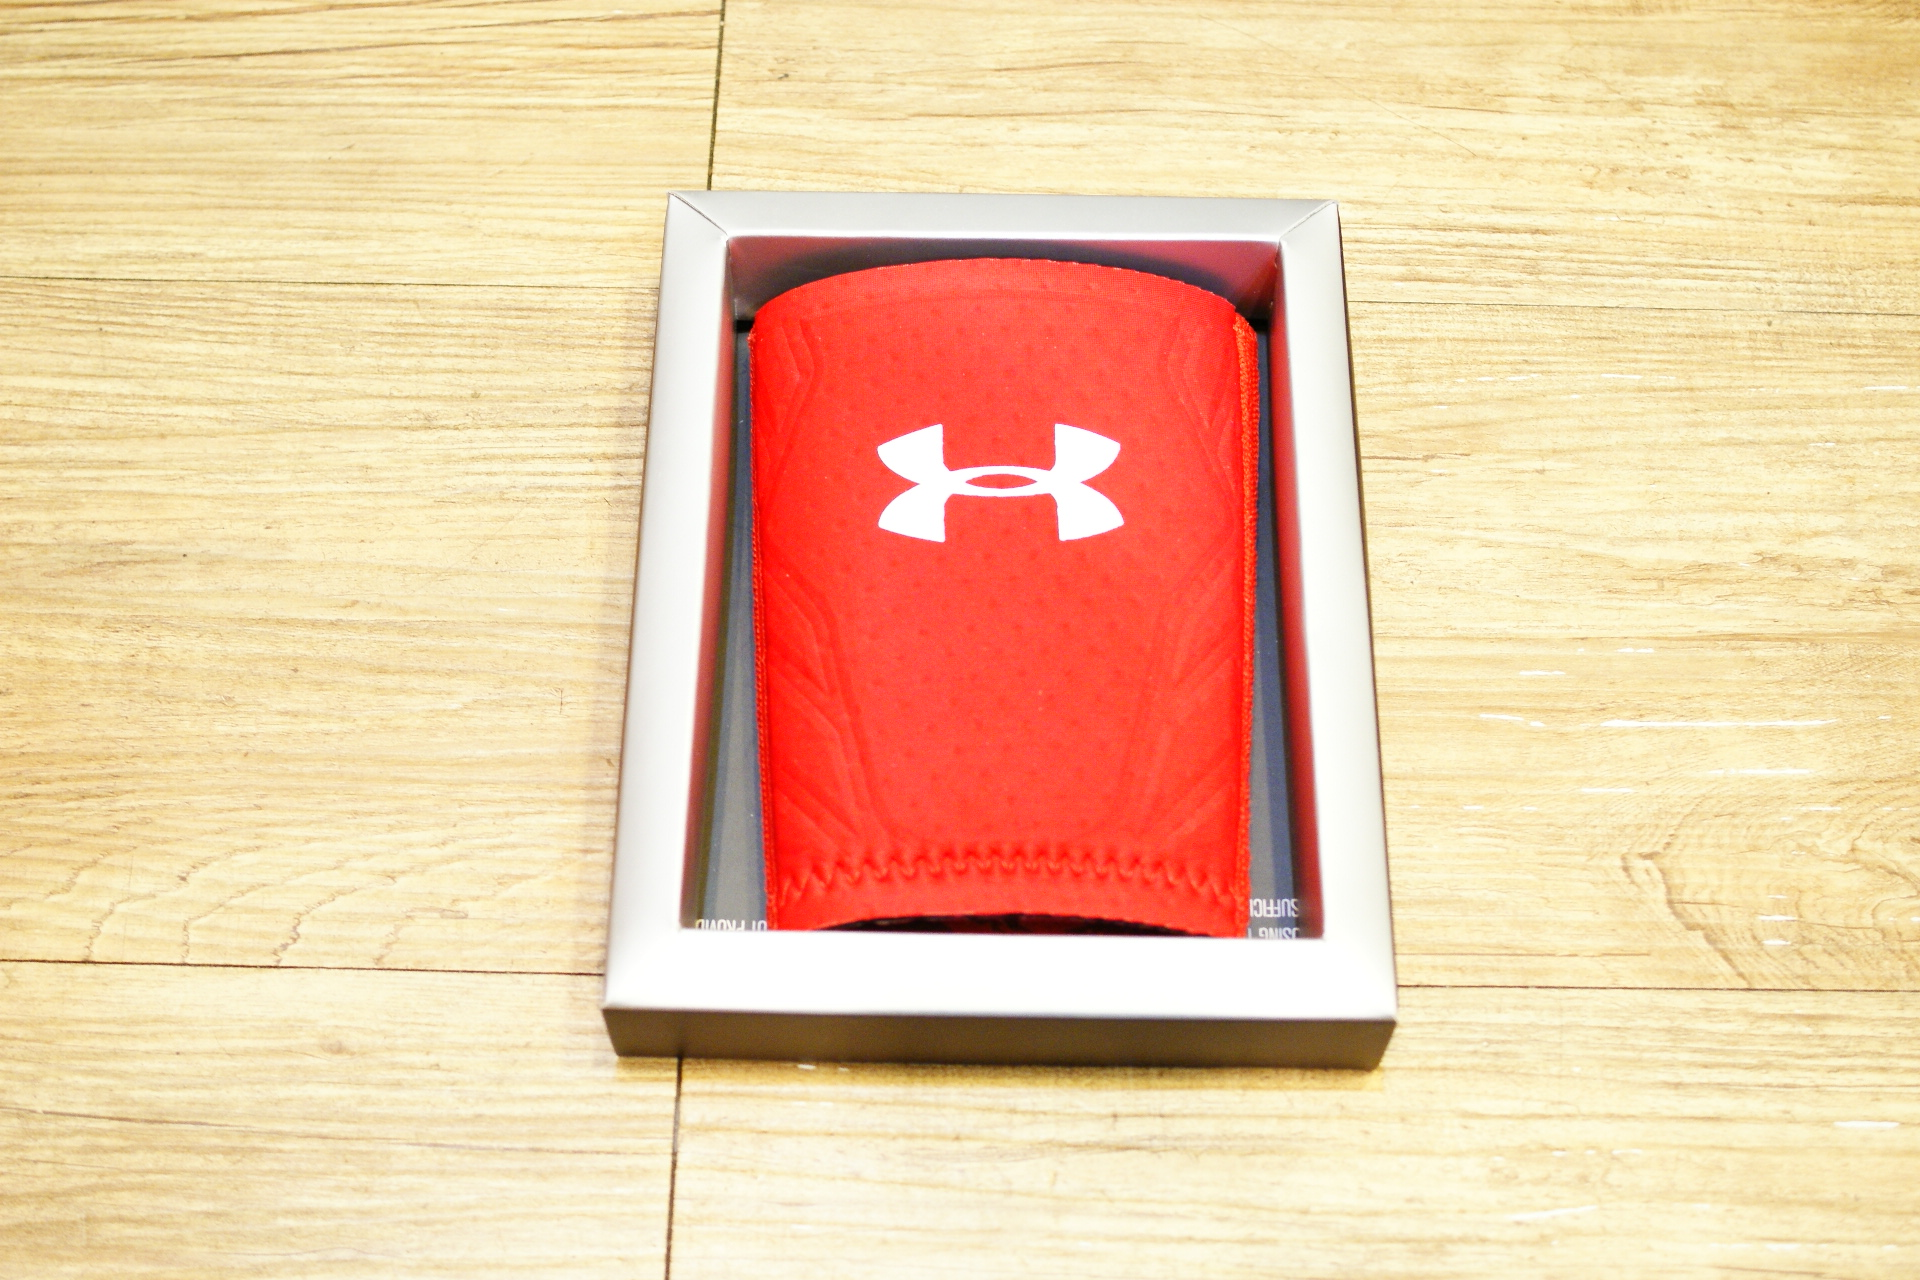 棒球世界 全新Under Armour UA 棒球用防撞手腕護套 特價 黑色